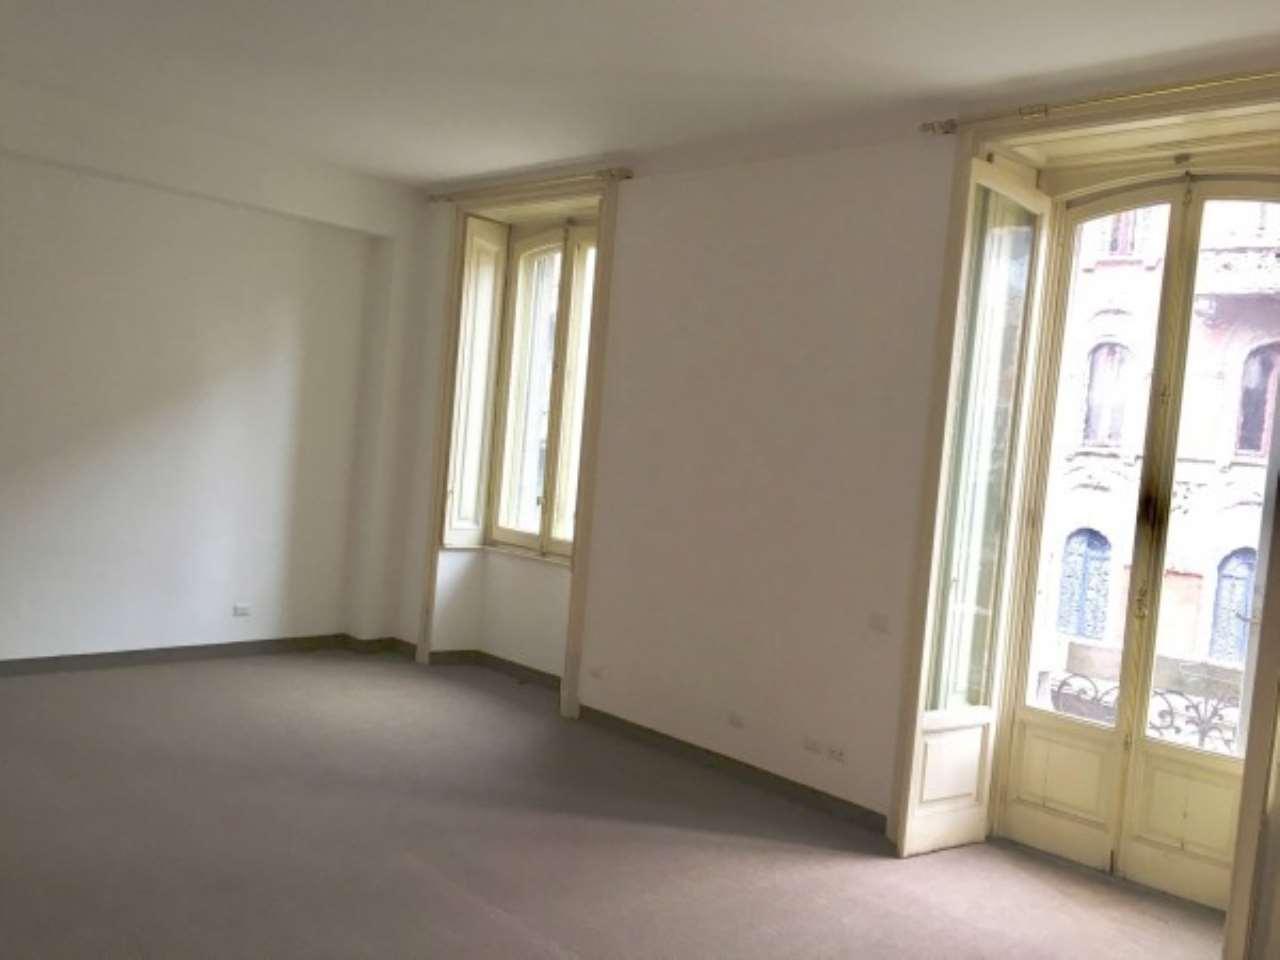 Appartamento di lusso in vendita a milano via giovanni for Case pregio milano